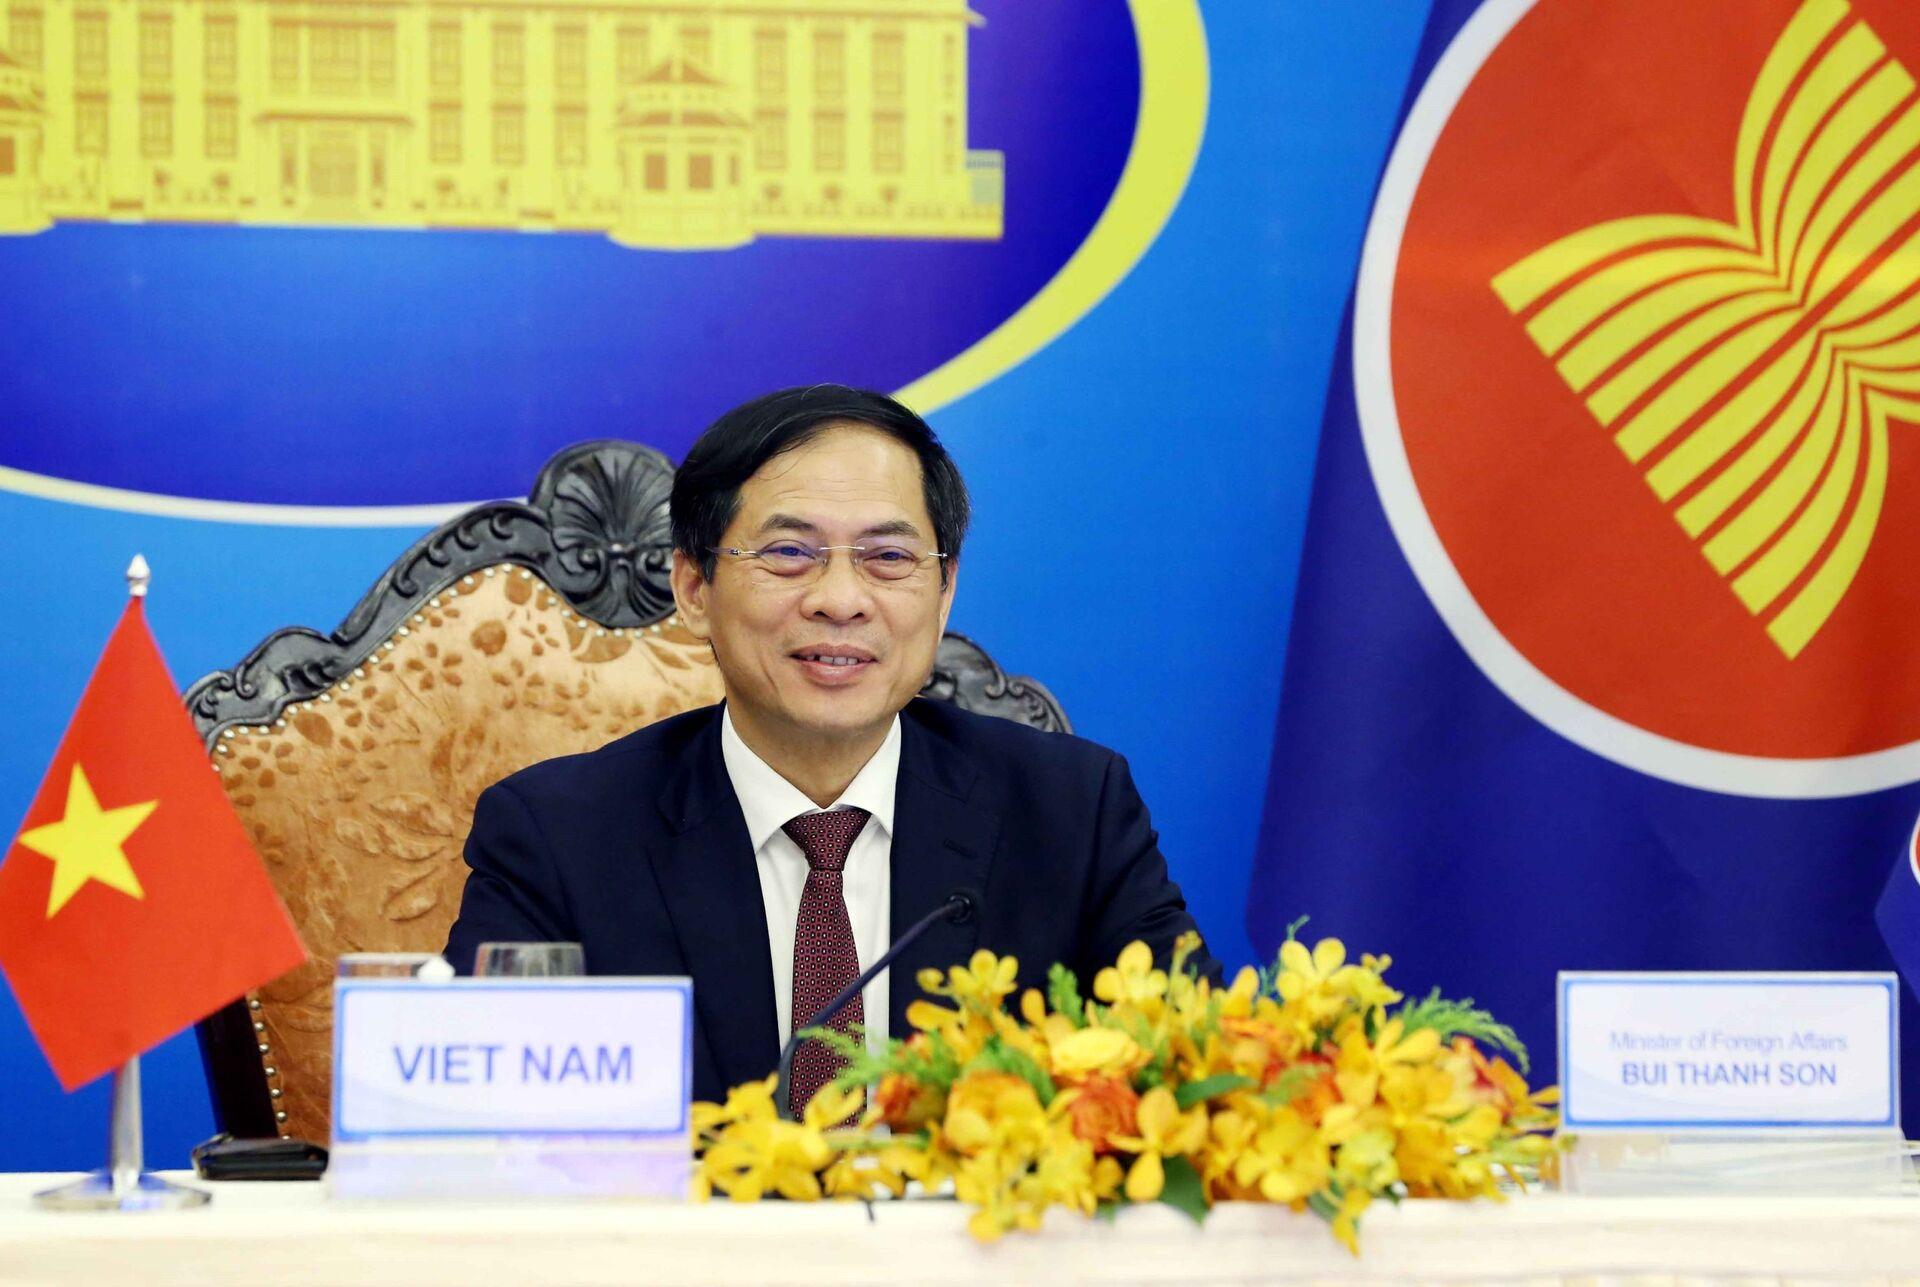 Bộ trưởng Bộ Ngoại giao Bùi Thanh Sơn tham dự Hội nghị Bộ trưởng Ngoại giao ASEAN – Trung Quốc theo hình thức trực tuyến. - Sputnik Việt Nam, 1920, 05.10.2021